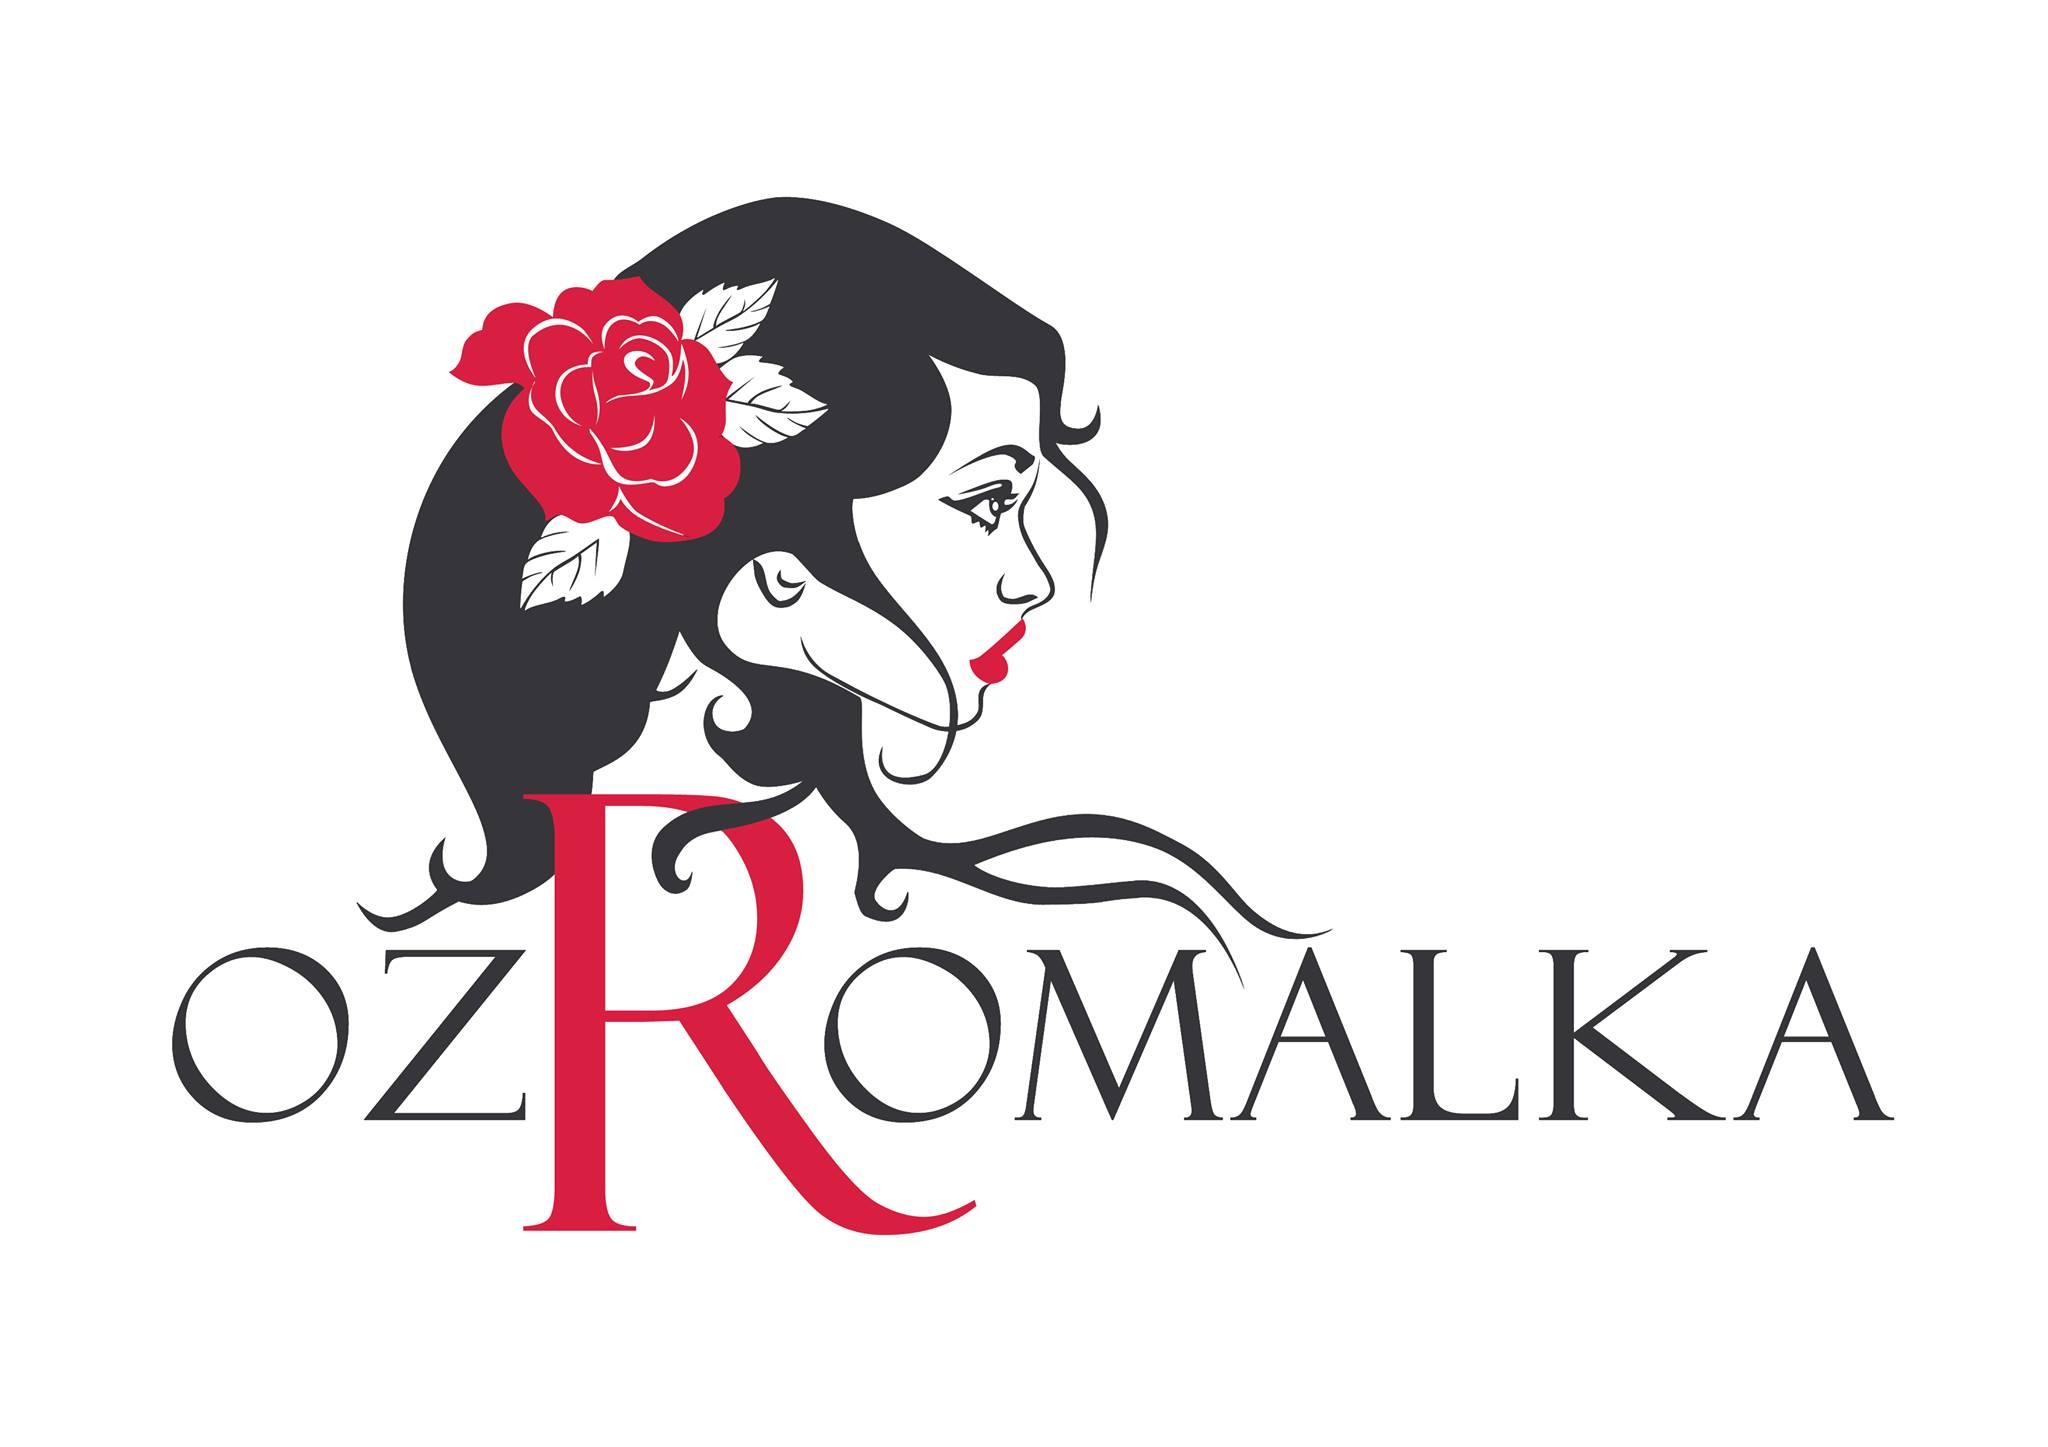 Romalka